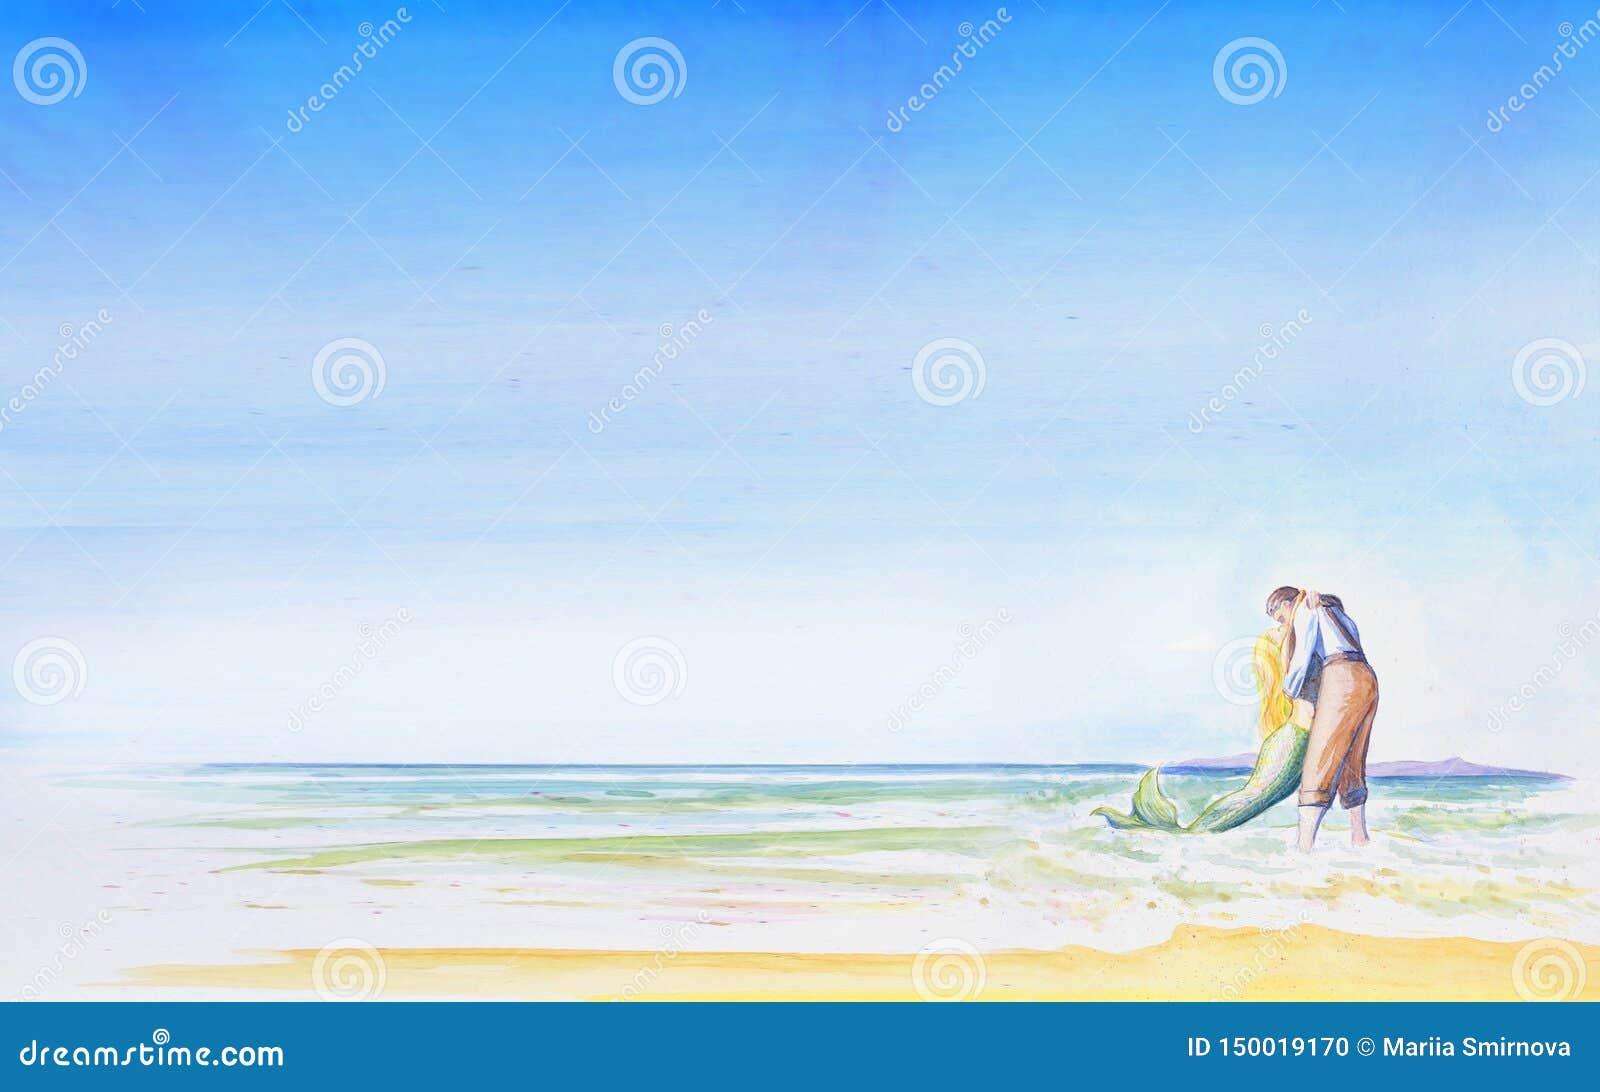 Ένας νεαρός άνδρας φιλά μια γοργόνα θαλασσίως Ρομαντικό ελαφρύ υπόβαθρο για το σχέδιό σας Χρόνος διακοπών επιγραφής watercolor